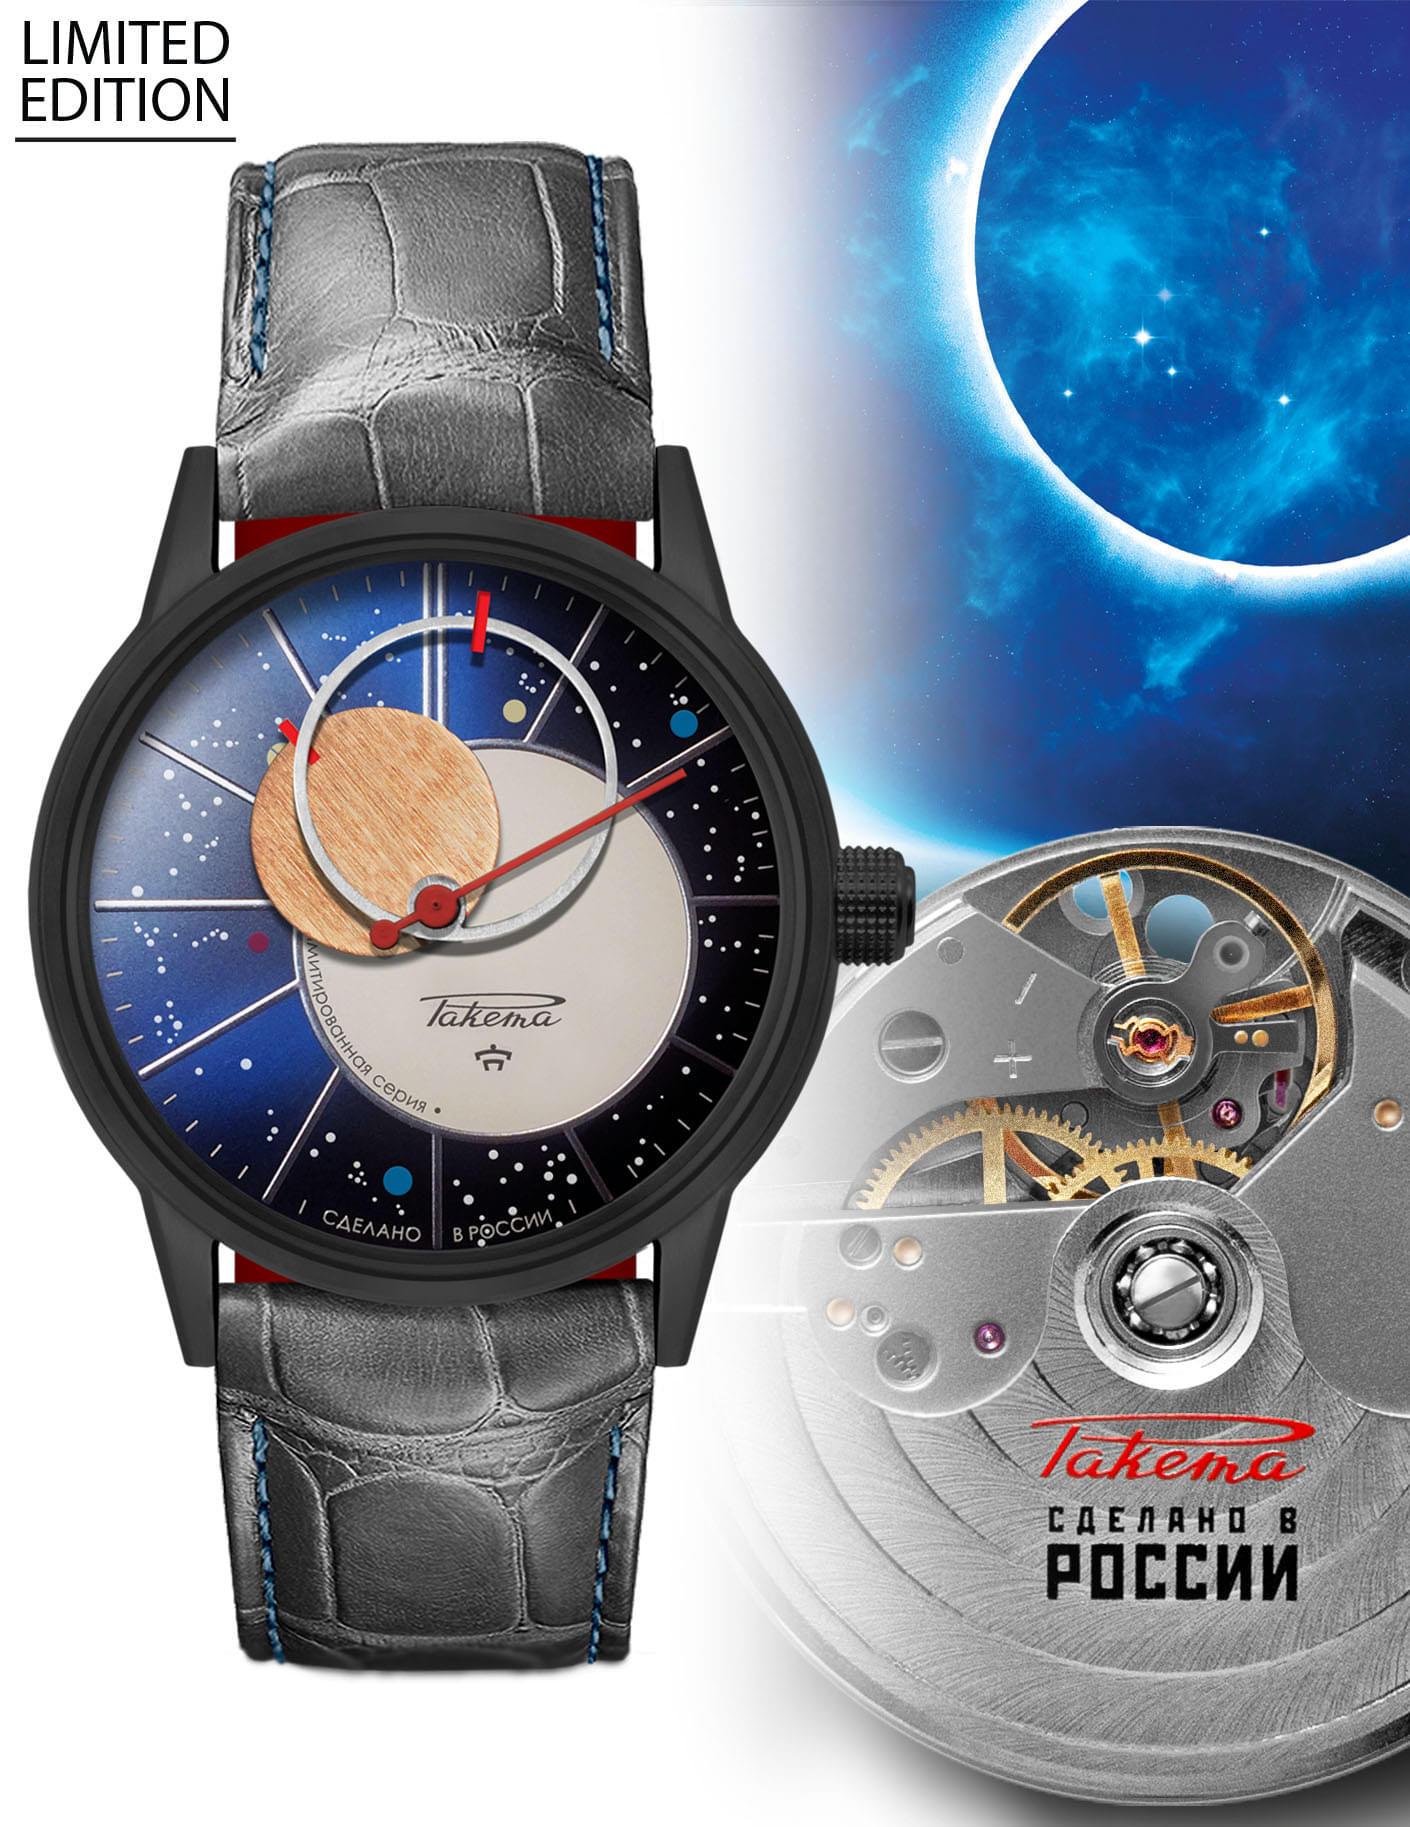 Ракета стоимость коперник часы часов украина скупка